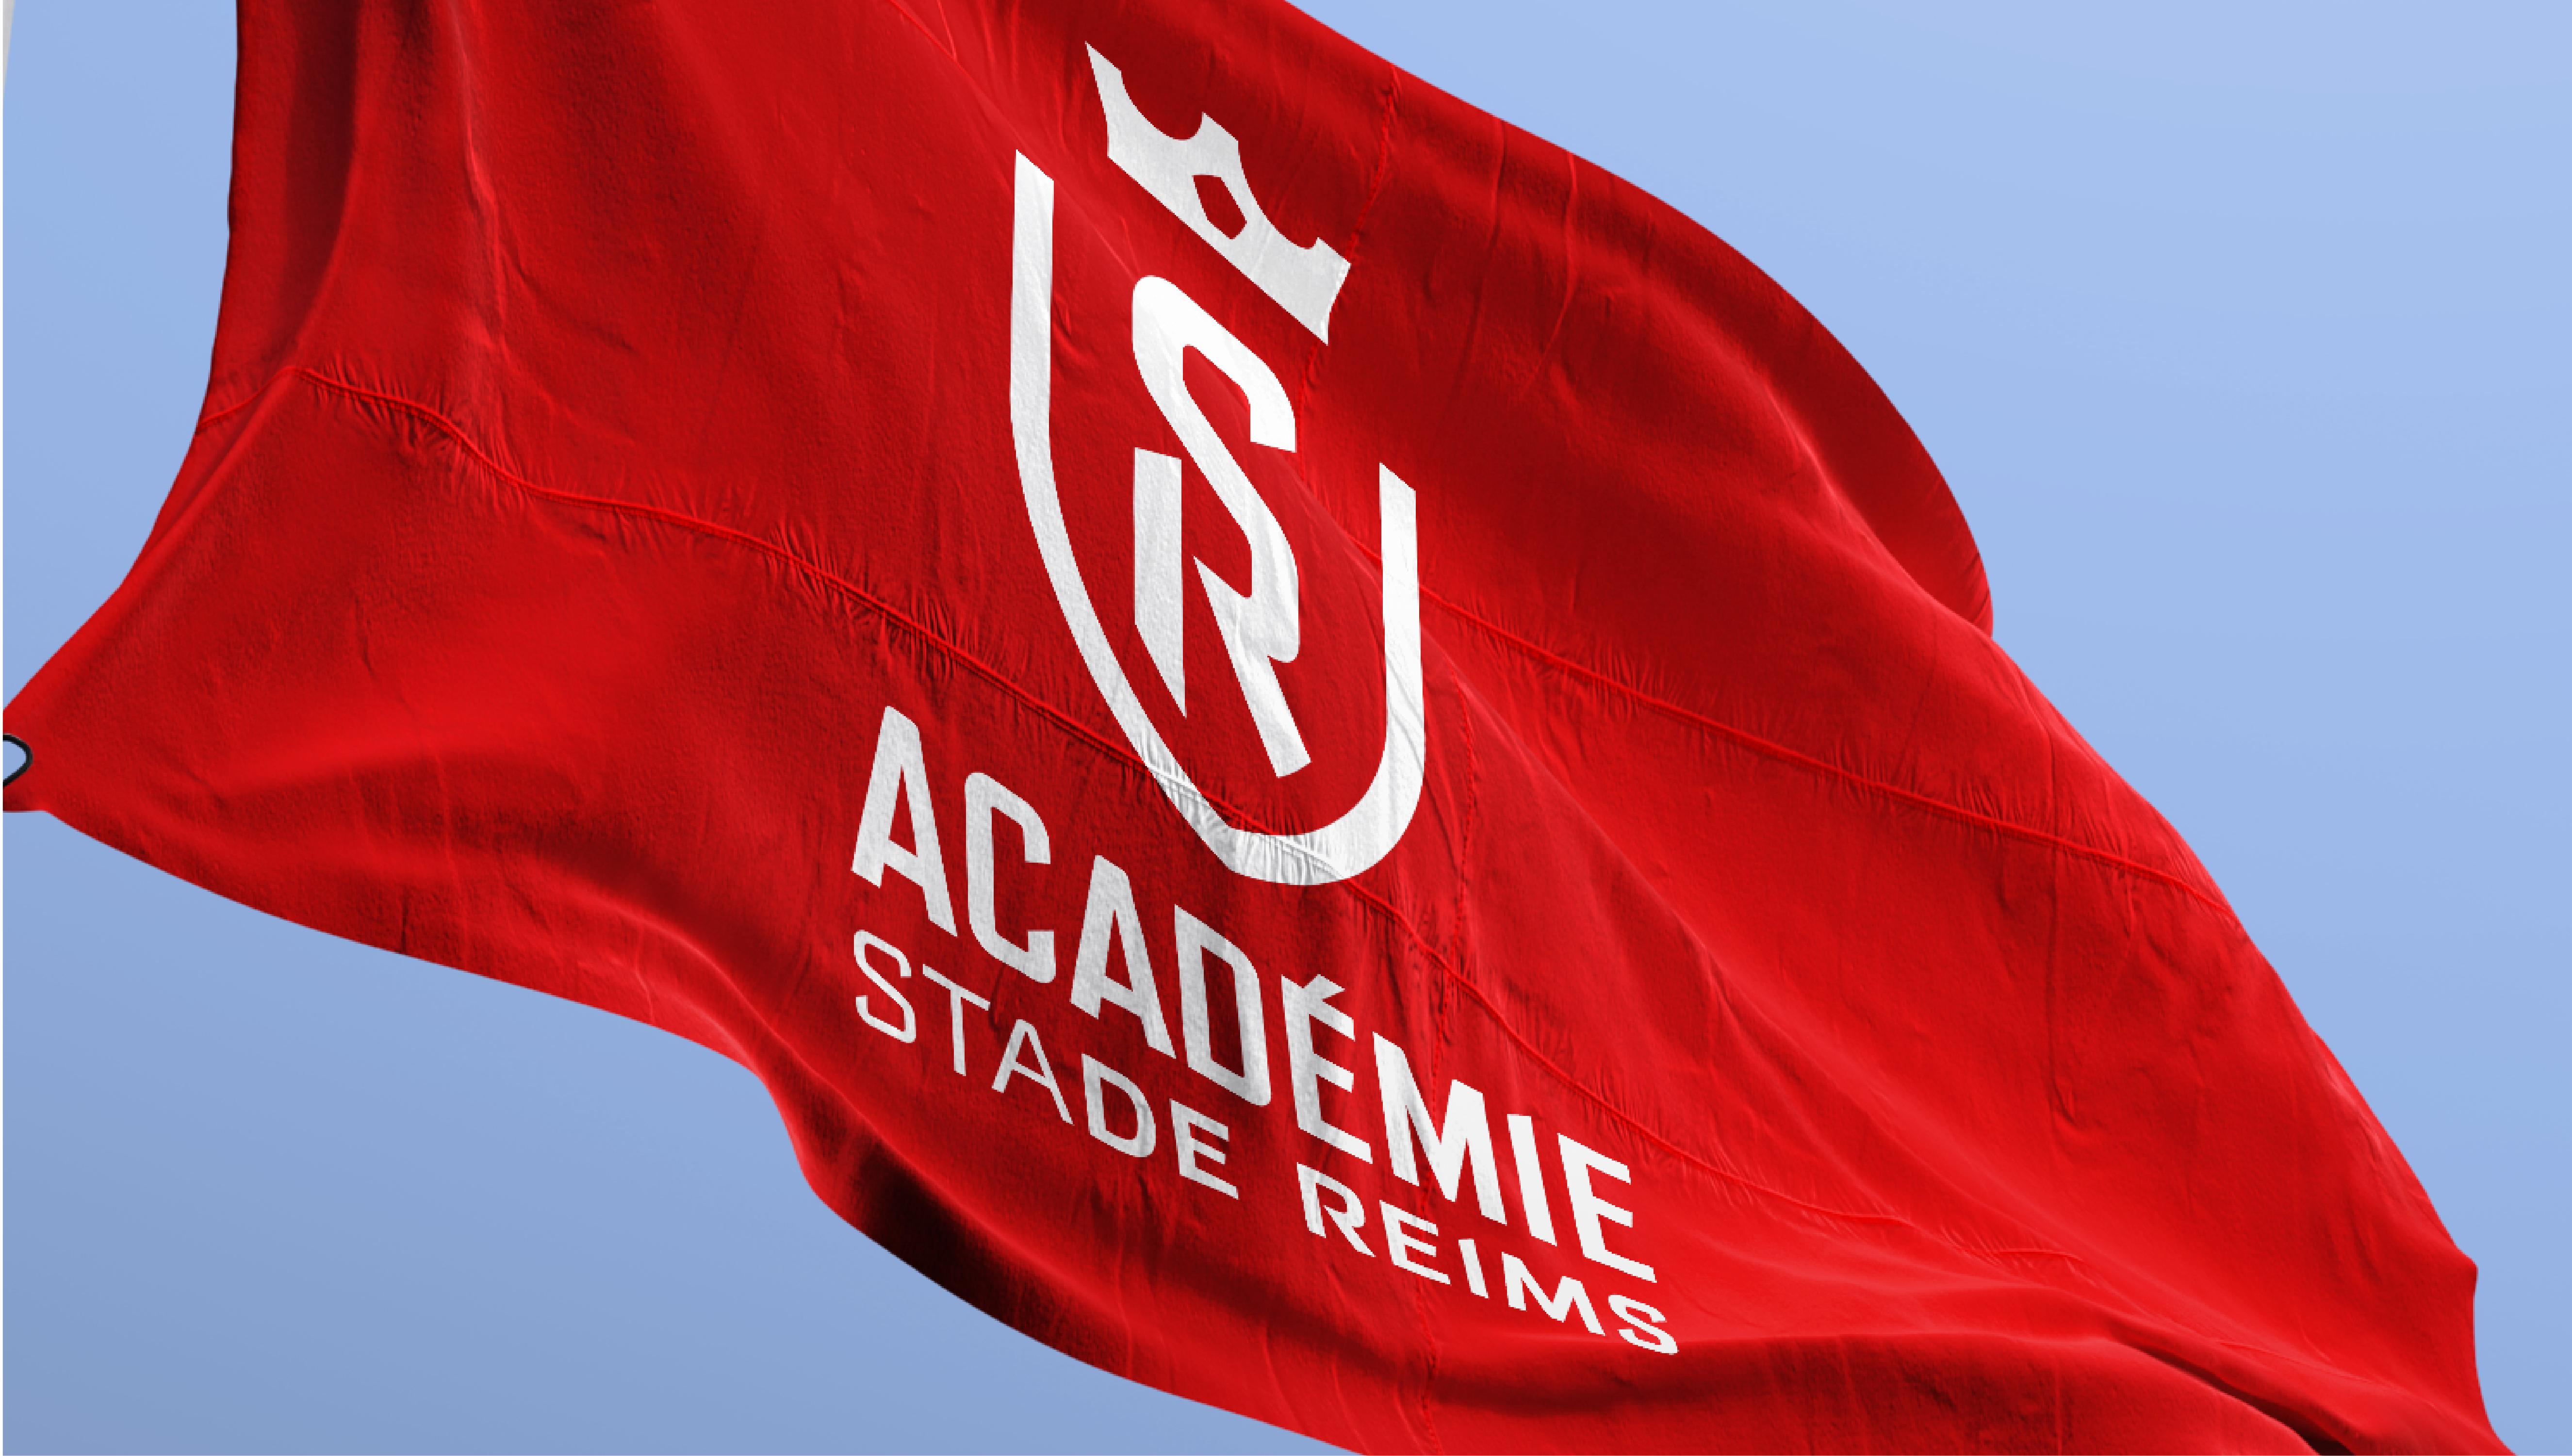 actualite_news_corps_visuel_club_stade_de_reims_identite_visuelle_or_gris_territoire_de_marque_signature_maison_de_football_drapeau_leroy_tremblot